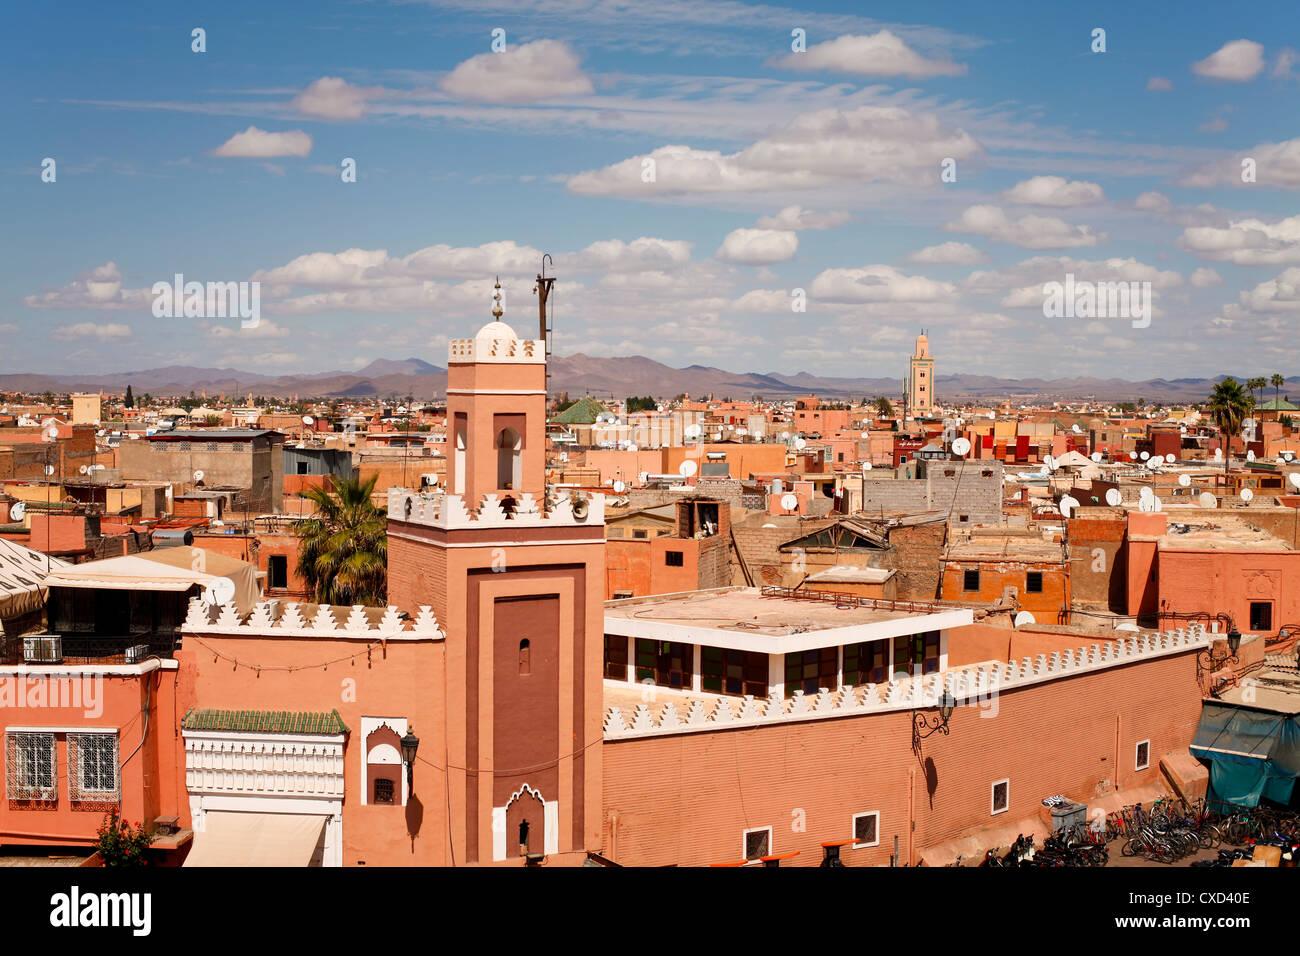 Vista in elevazione sopra la Djemaa el Fna a Marrakech (Marrakech), Marocco, Africa Settentrionale, Africa Immagini Stock